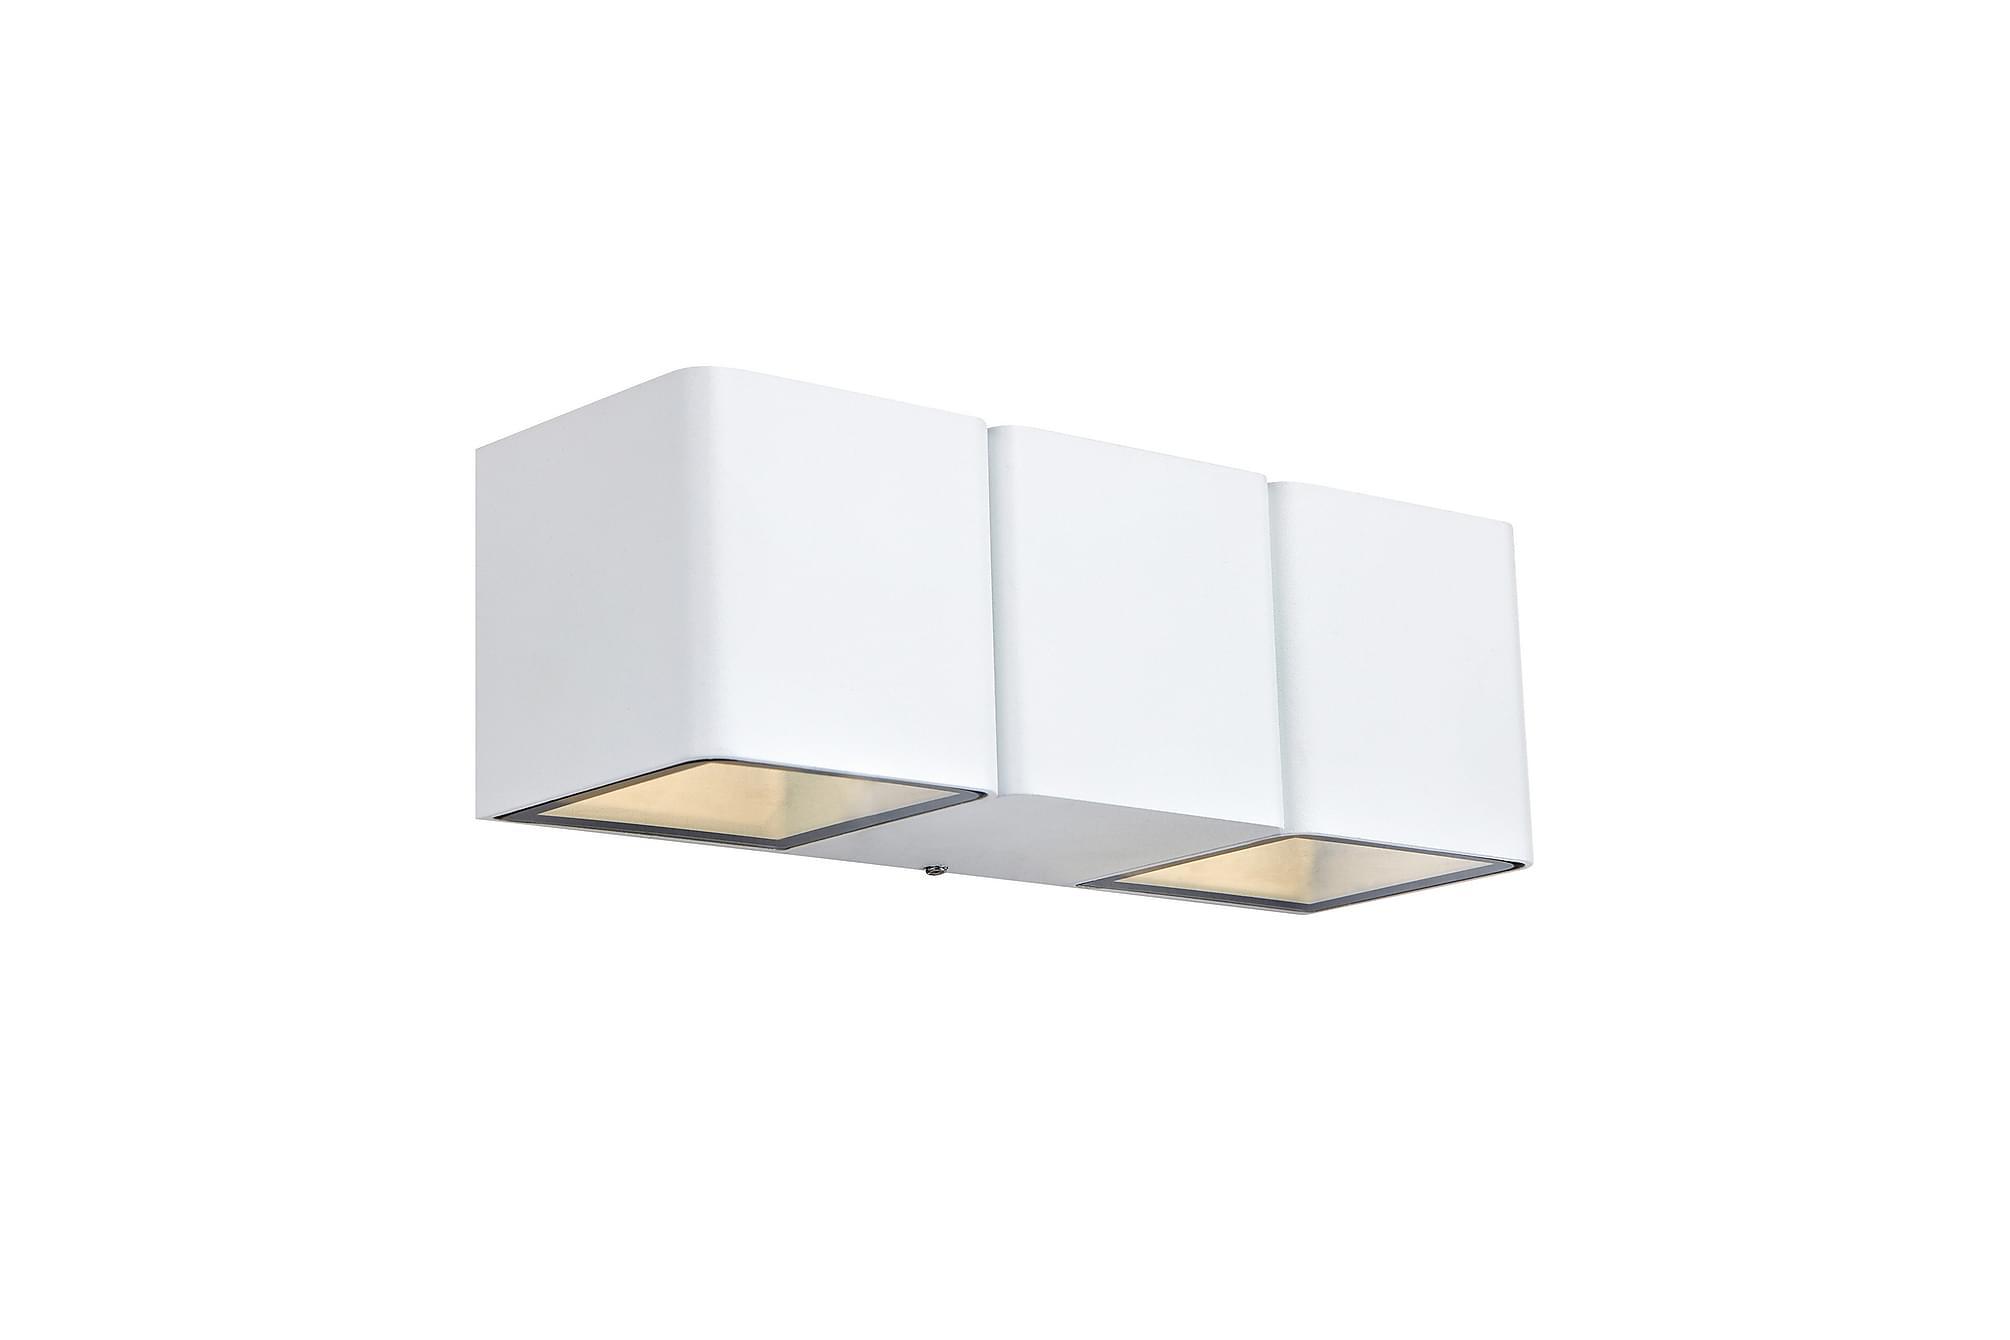 CETO Vägglampa 2L Vit, Utomhusbelysning